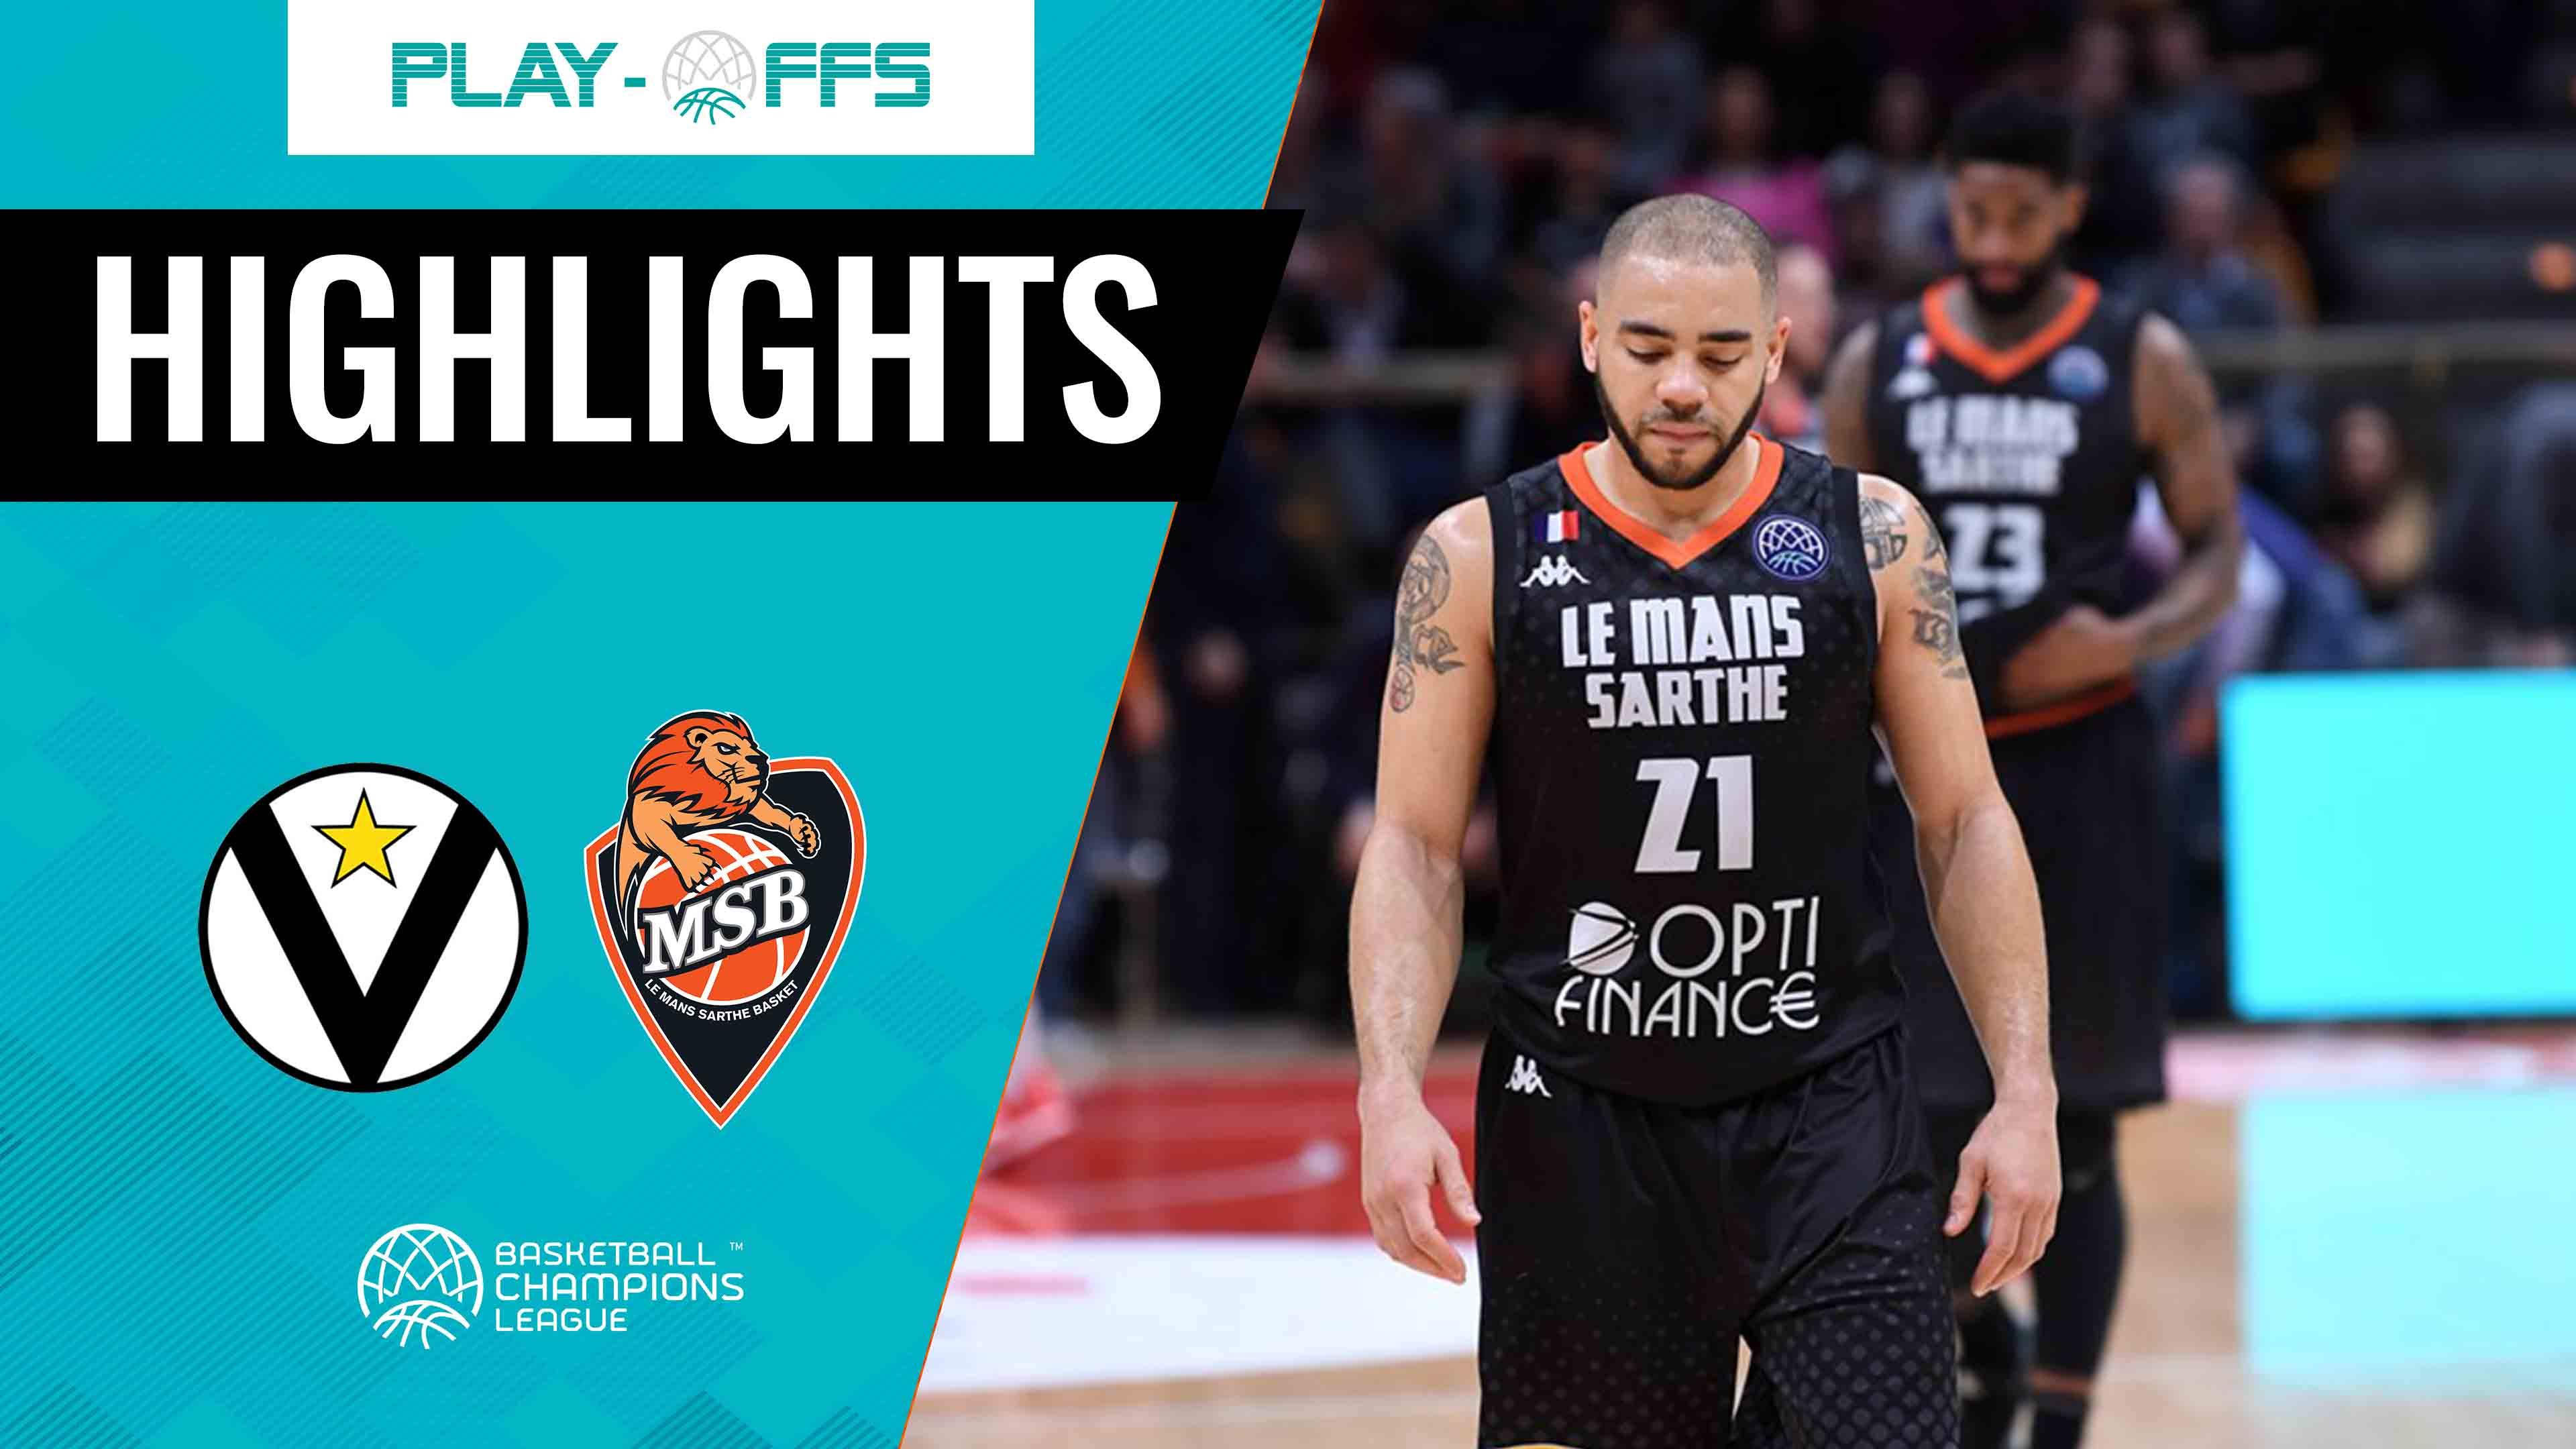 Bologne vs. MSB | Highlights